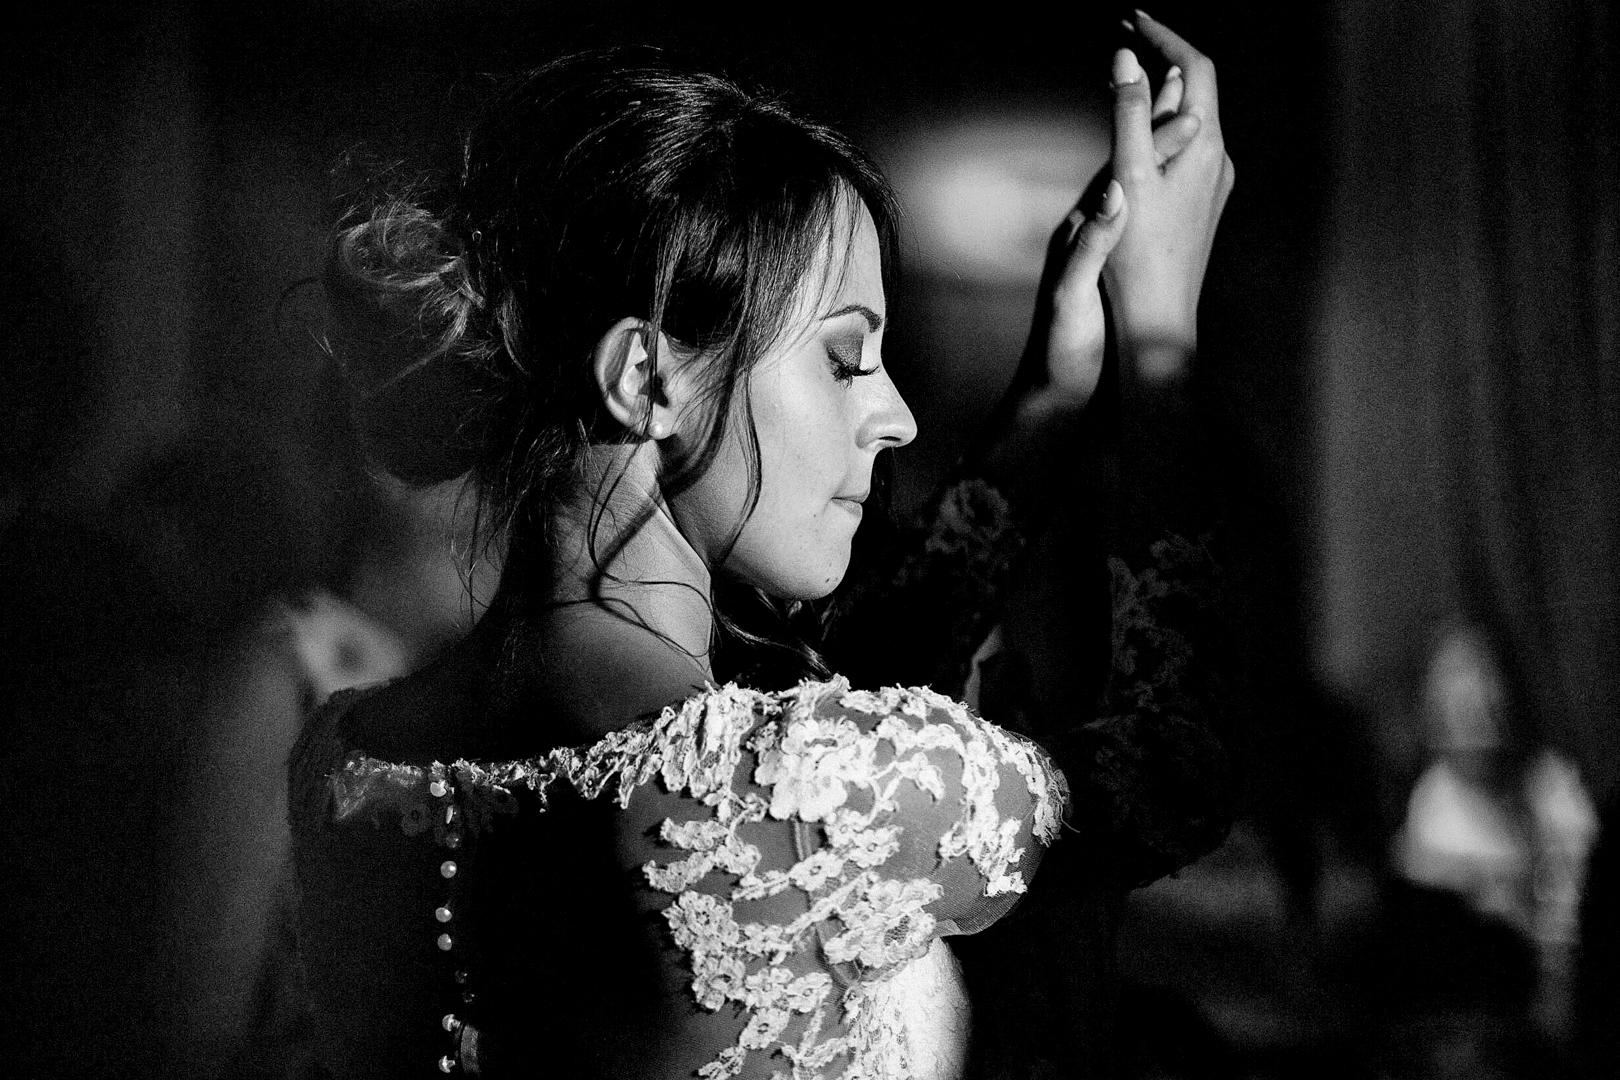 34 gianni-lepore-sposa-ballo-animazione-musica